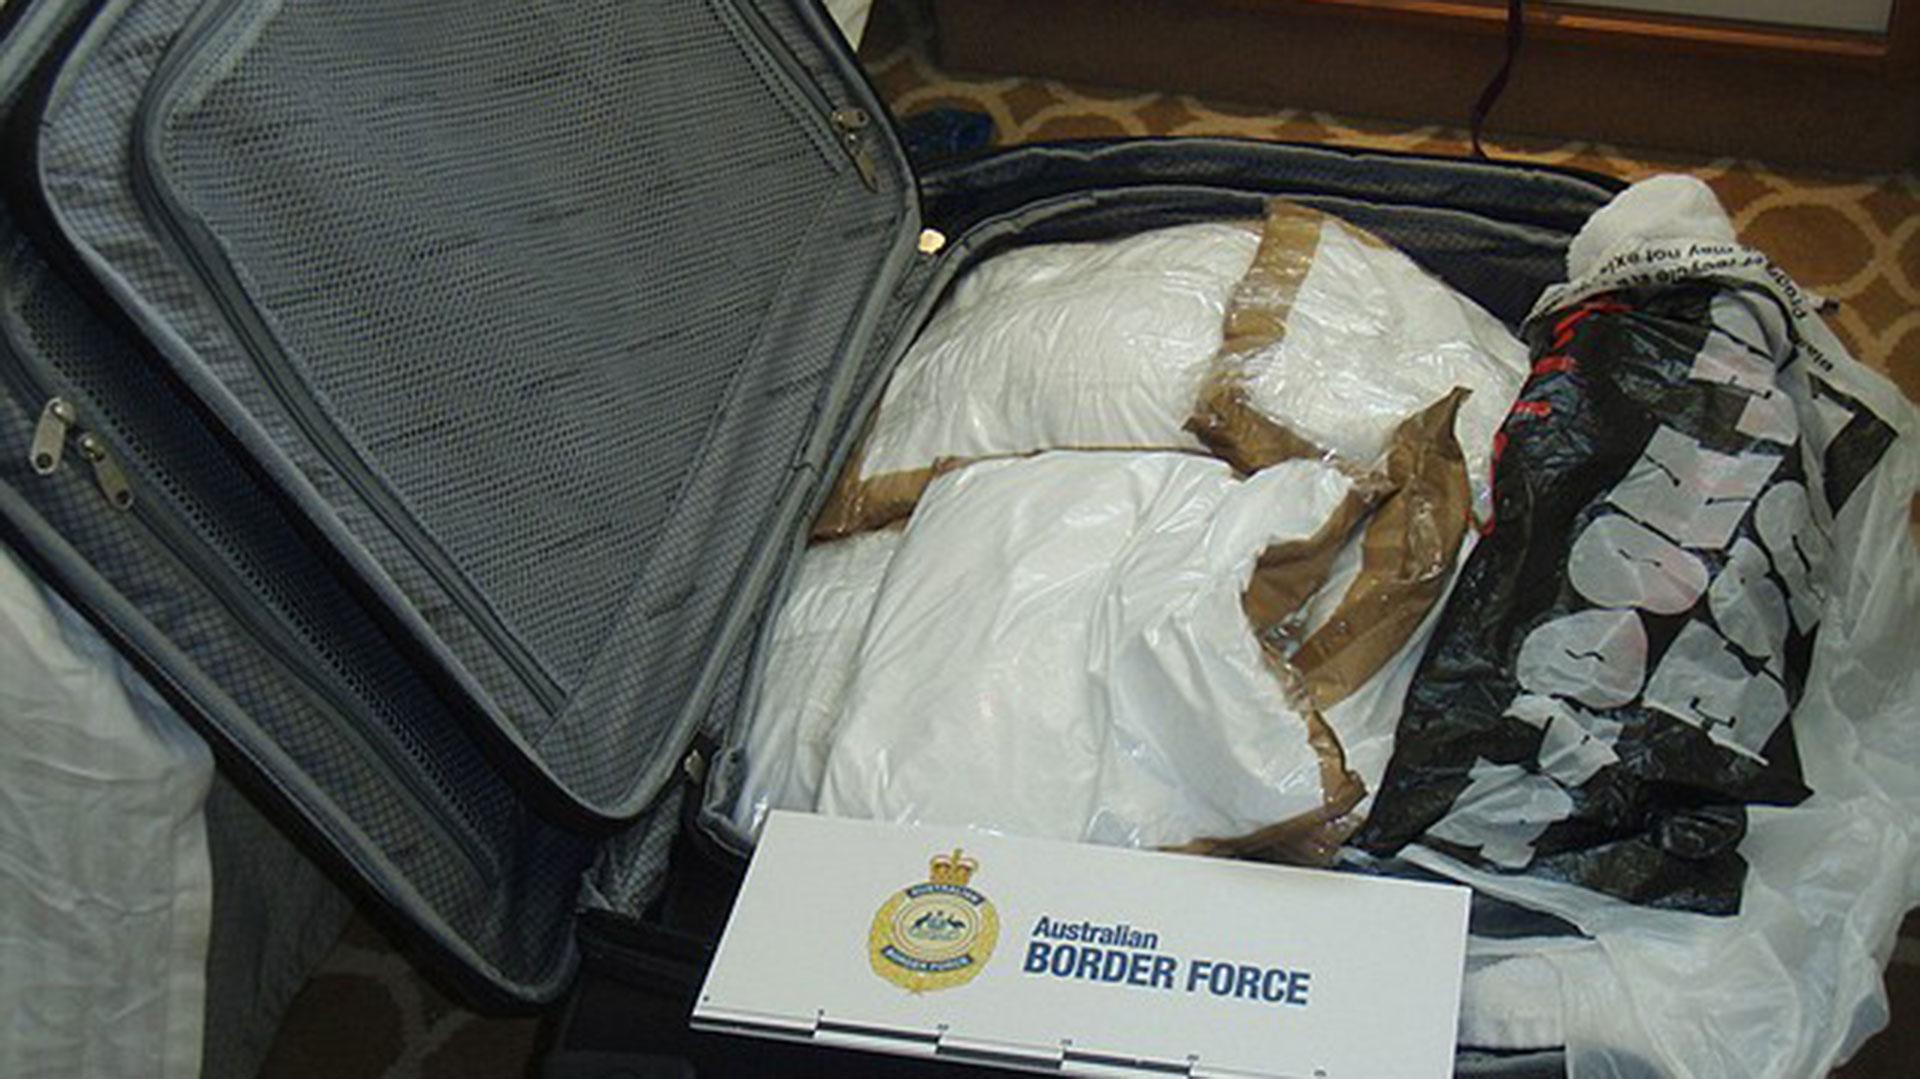 Al llegar a Sídney, las mujeres y otros cinco hombres fueron detenidos. En total transportaban casi 100 kilogramos de cocaína (AFP)